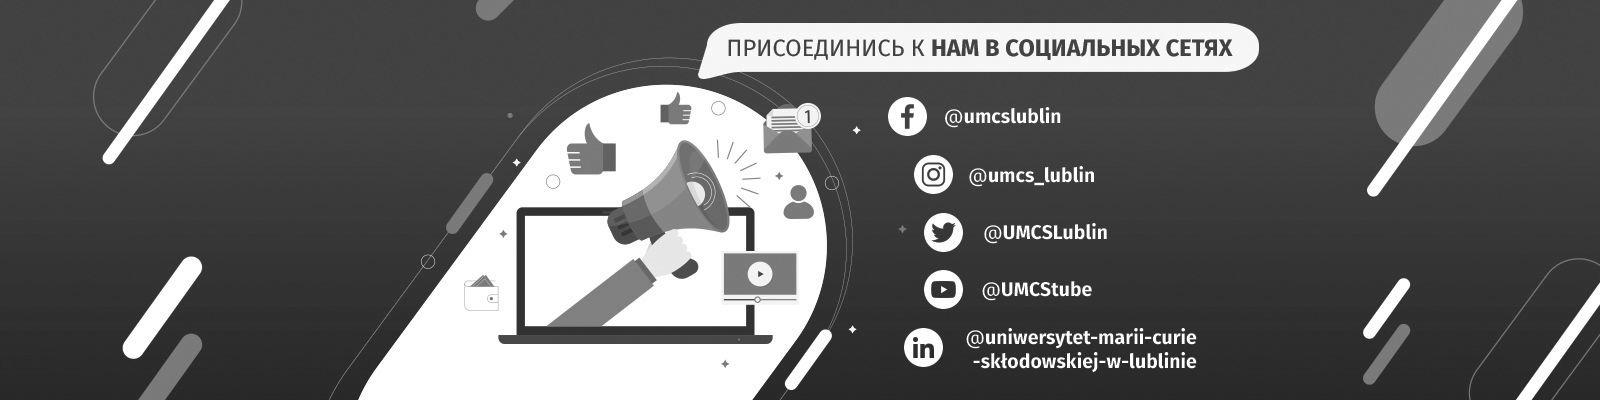 Мы в социальных сетях!